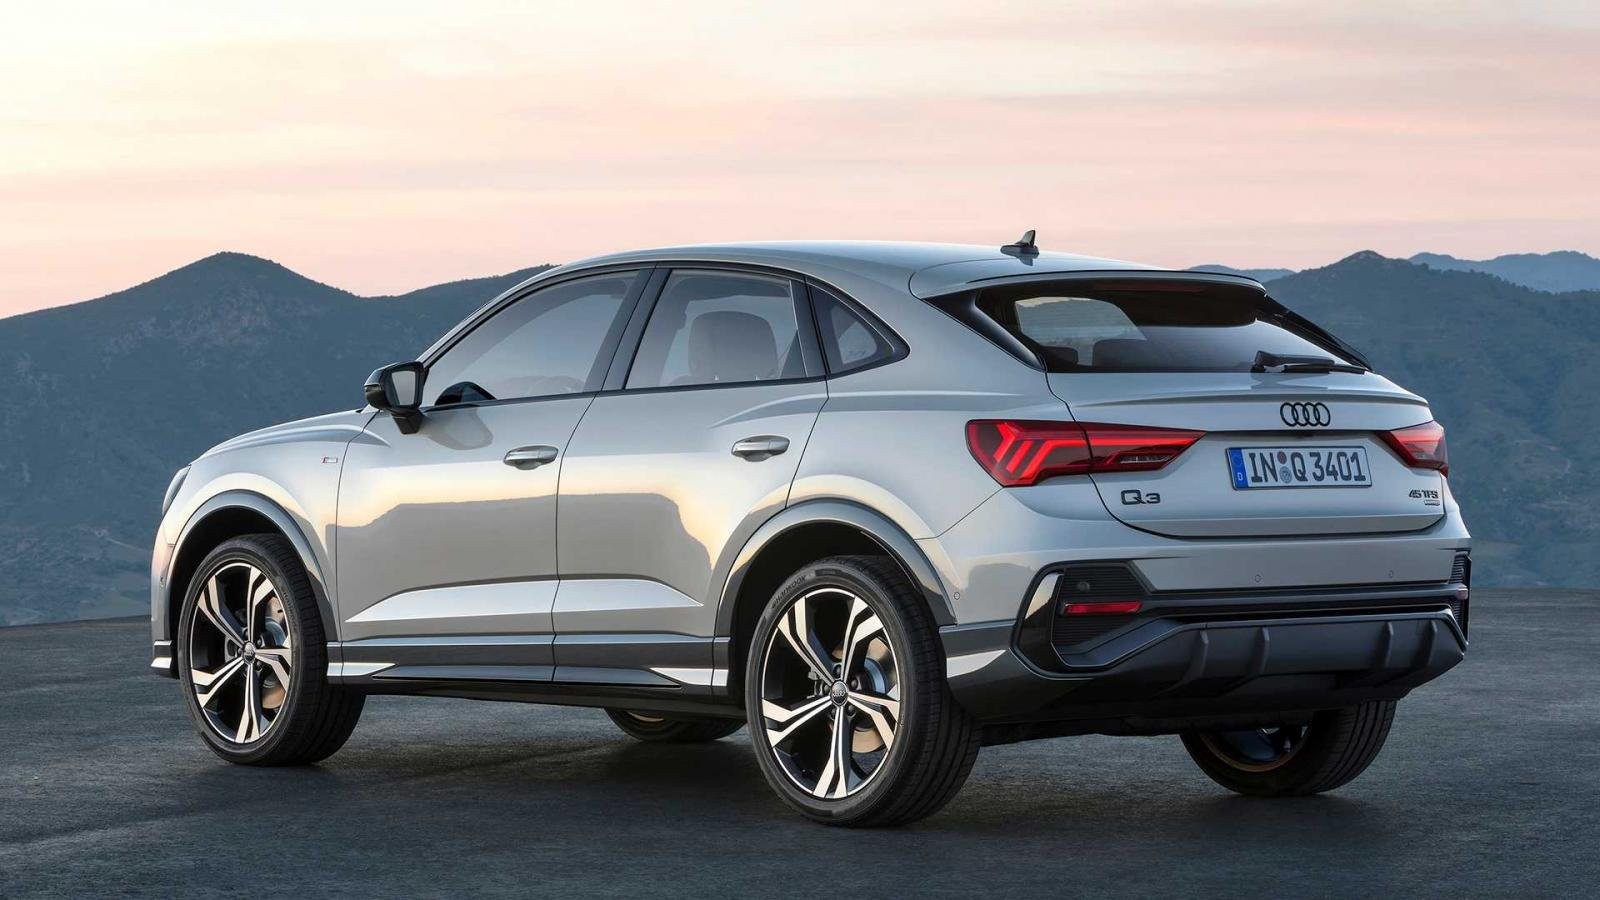 Đánh giá ưu điểm Audi Q3